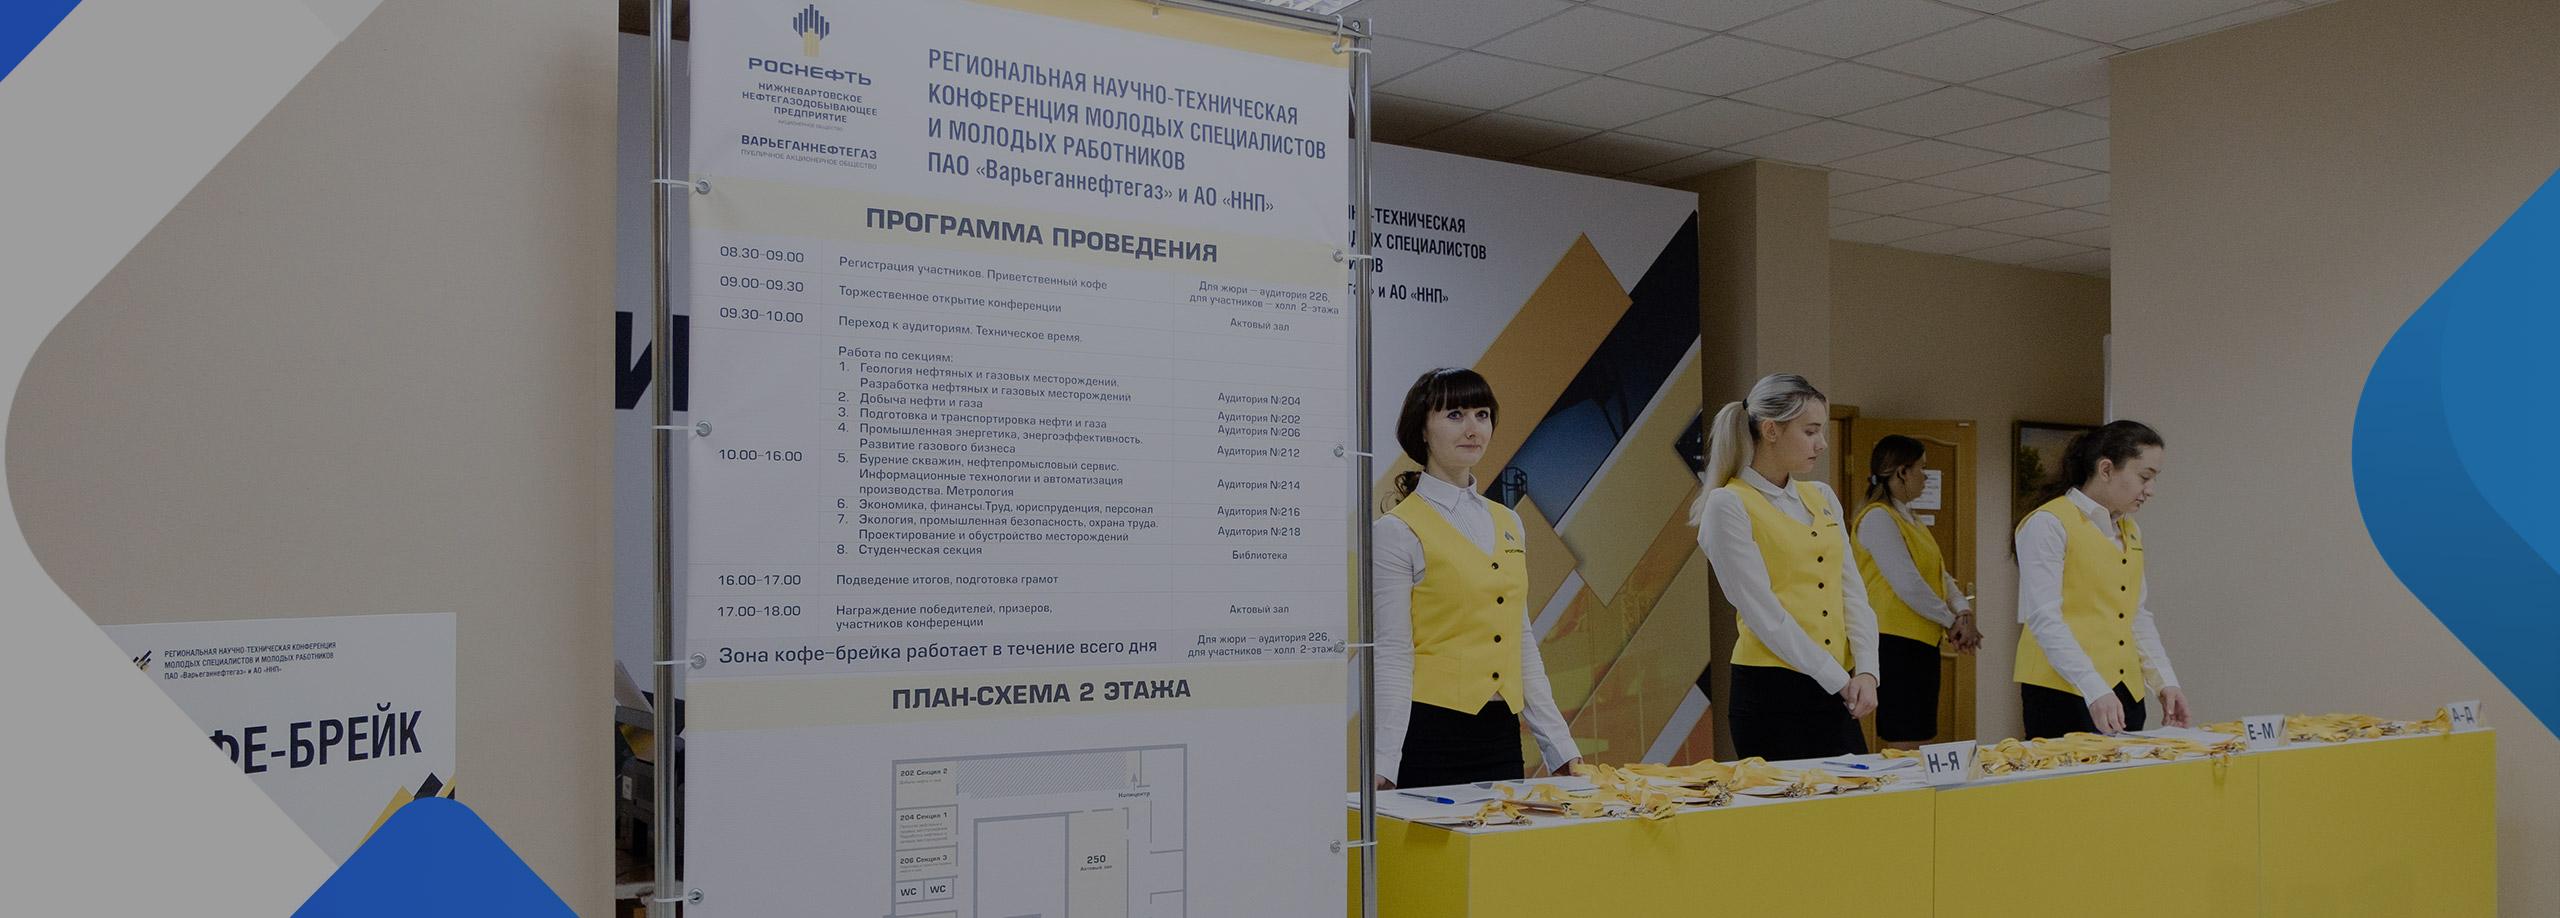 Региональная научно-техническая конференция молодых специалистов и молодых работников ГП «Варьёганнефтегаз»